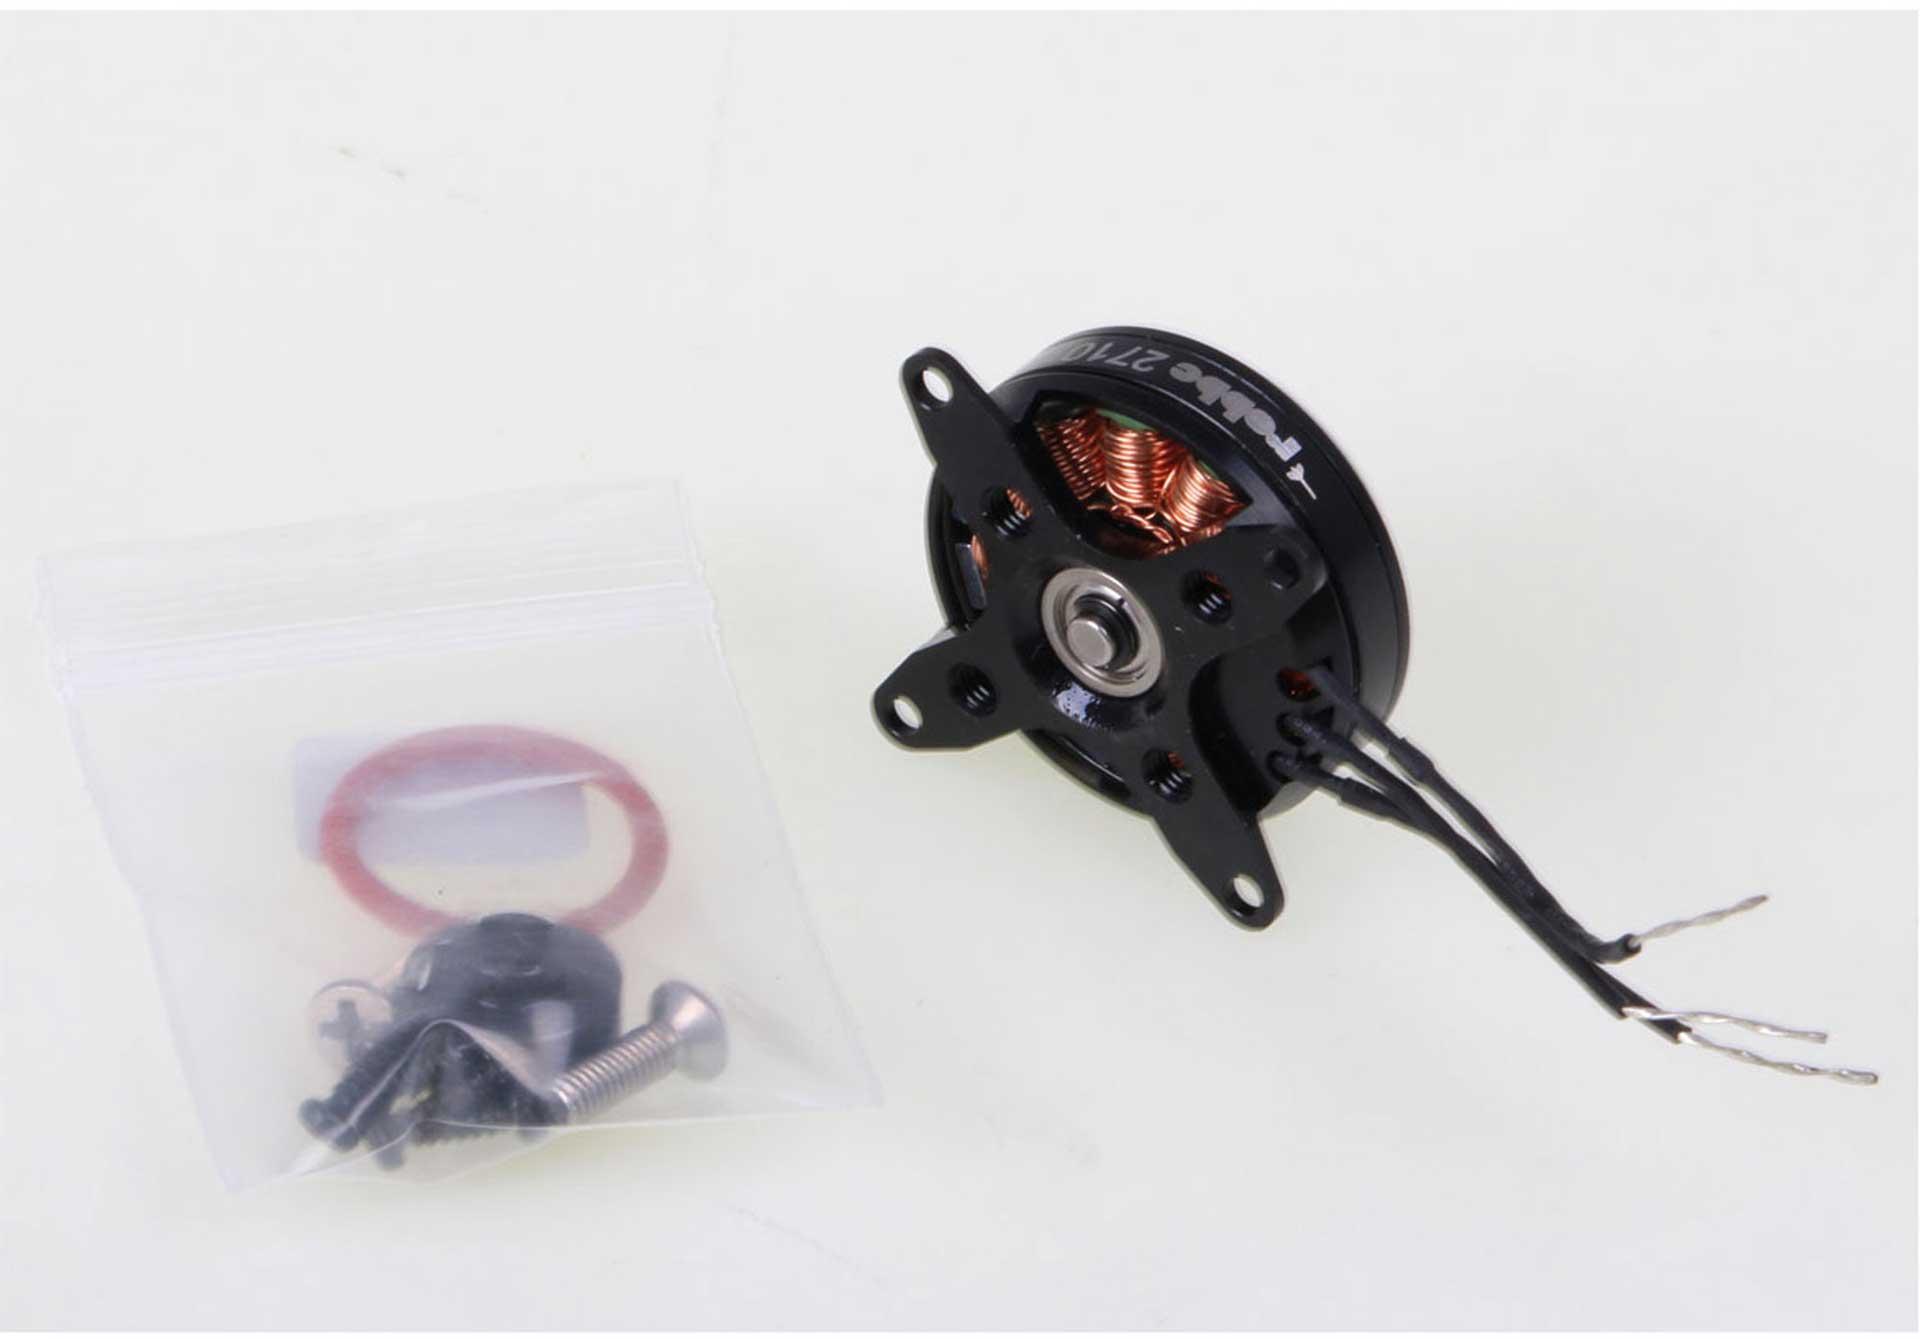 ROBBE RO-POWER TORQUE 2710 1530 K/V BRUSHLESS